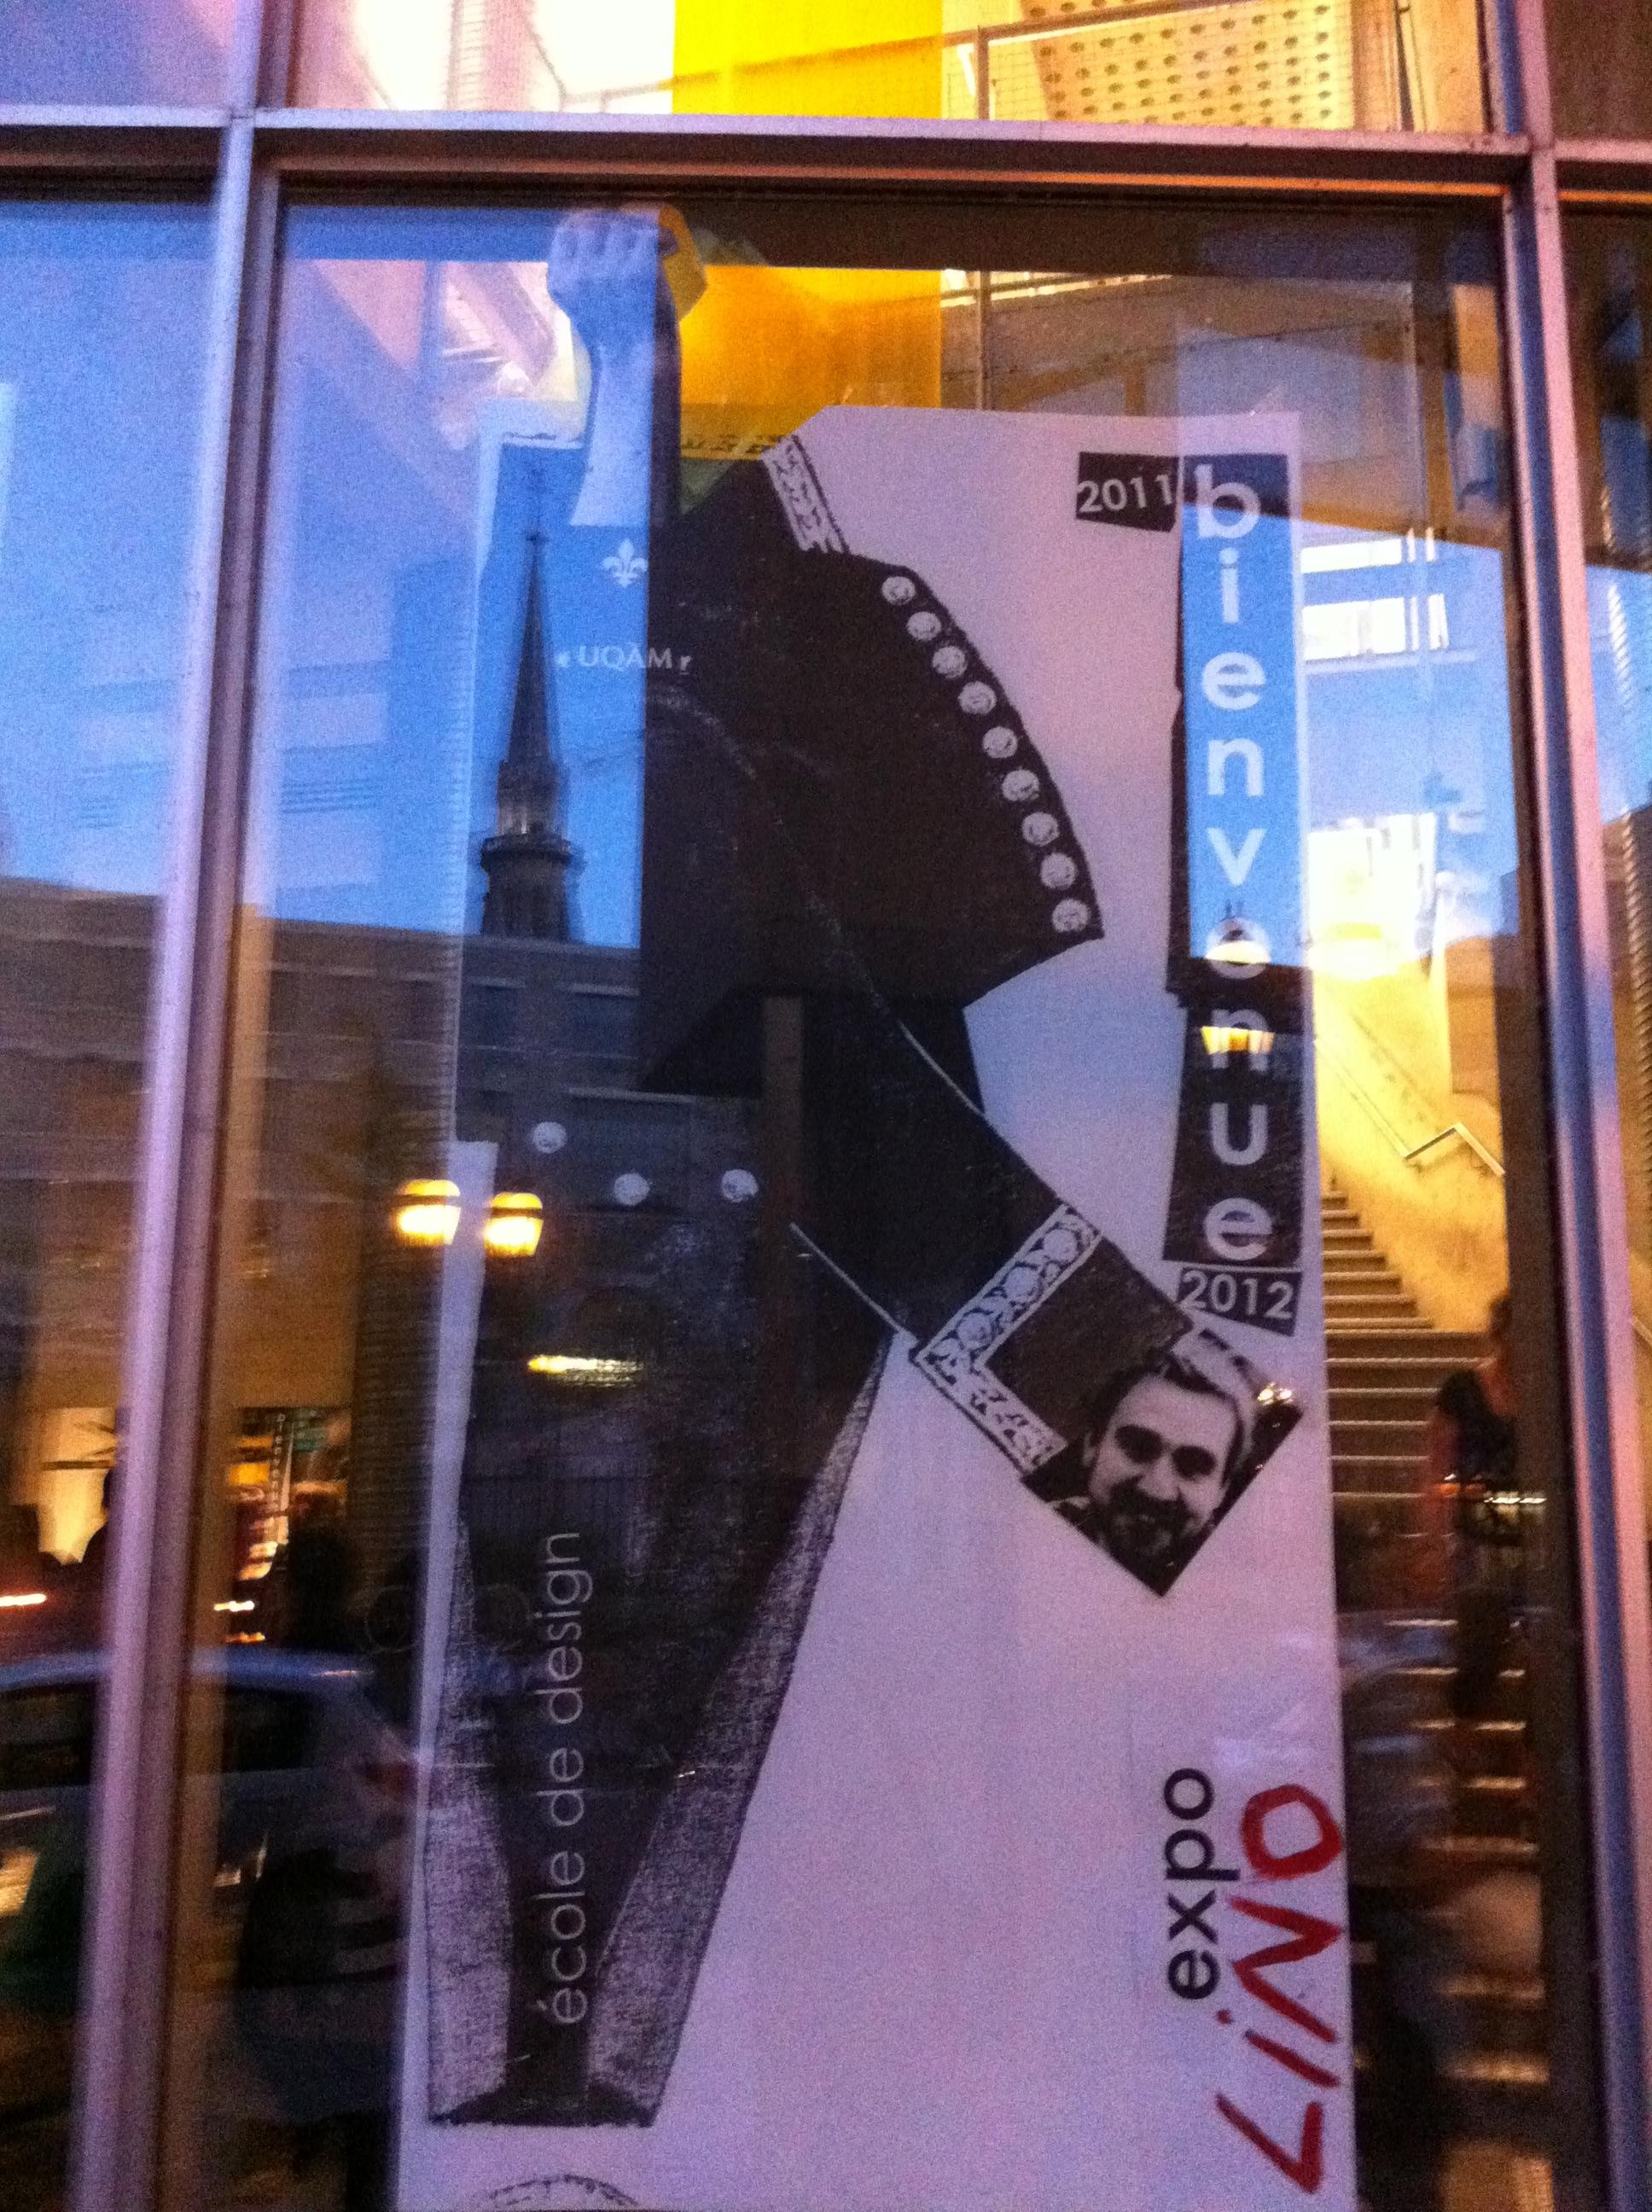 À l'extérieur du Centre de Design, la tour de l'UQAM se réflète dans l'invitation. Crédit photo : Simon Levesque